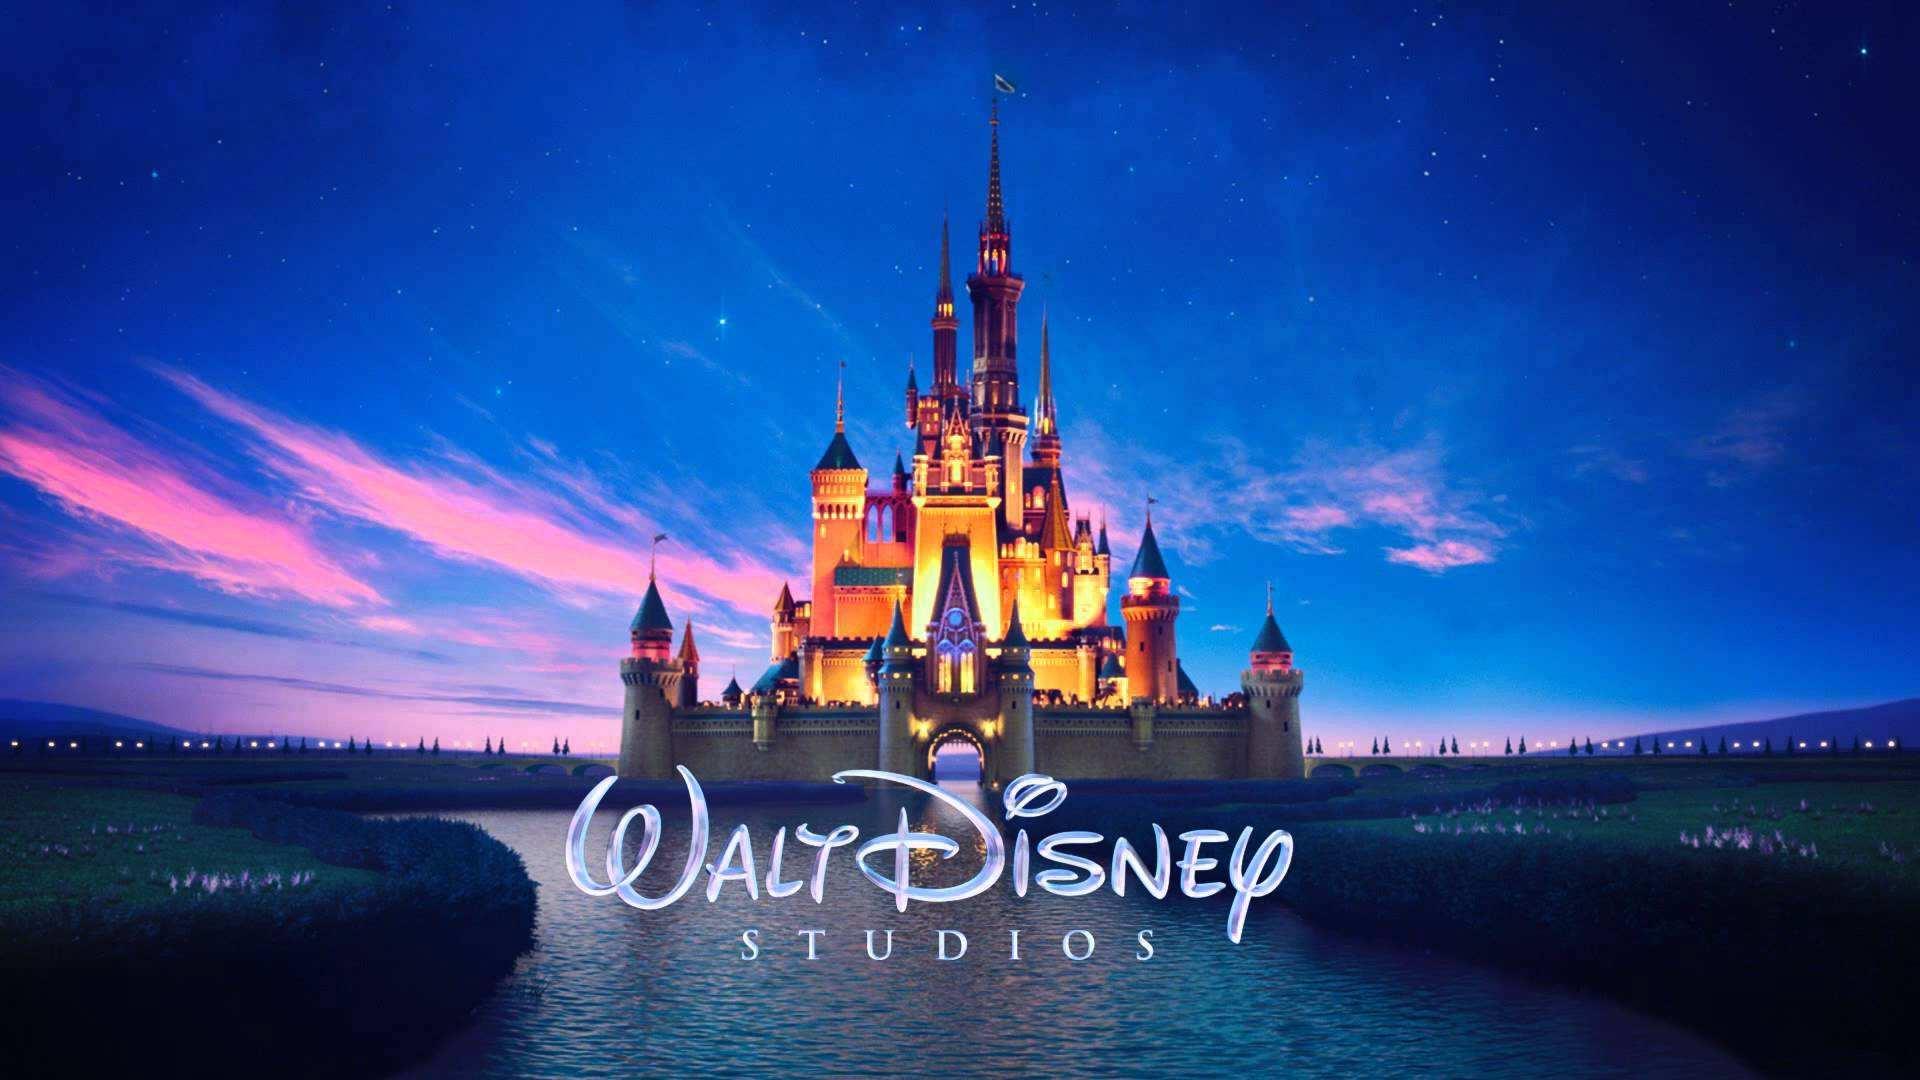 迪士尼巨额收购案落槌 524亿收购福克斯资产